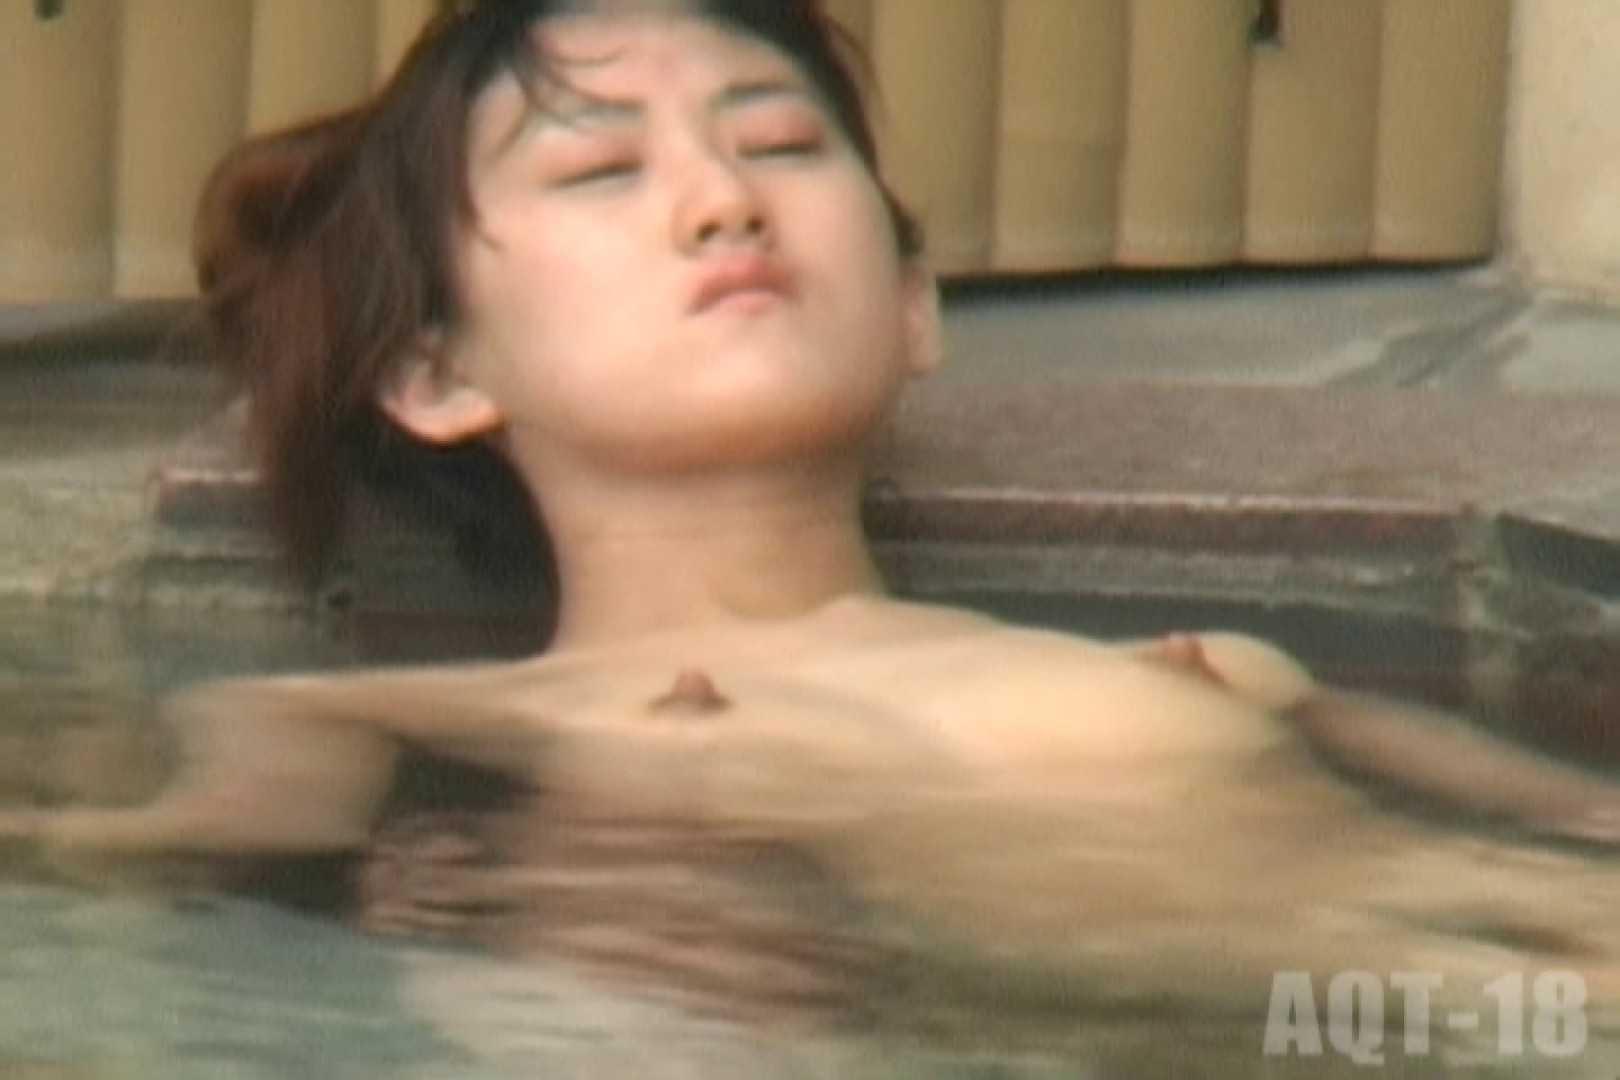 Aquaな露天風呂Vol.862 露天   OLエロ画像  92PICs 46